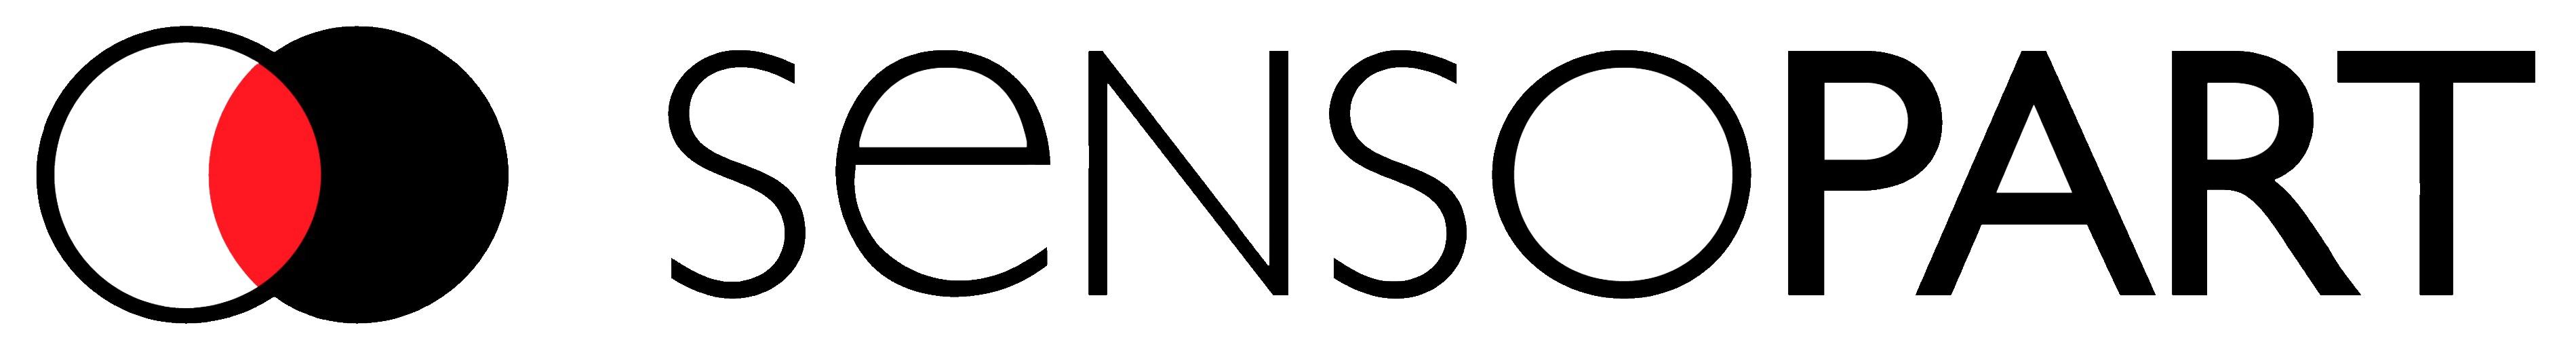 Image result for sensopart logo